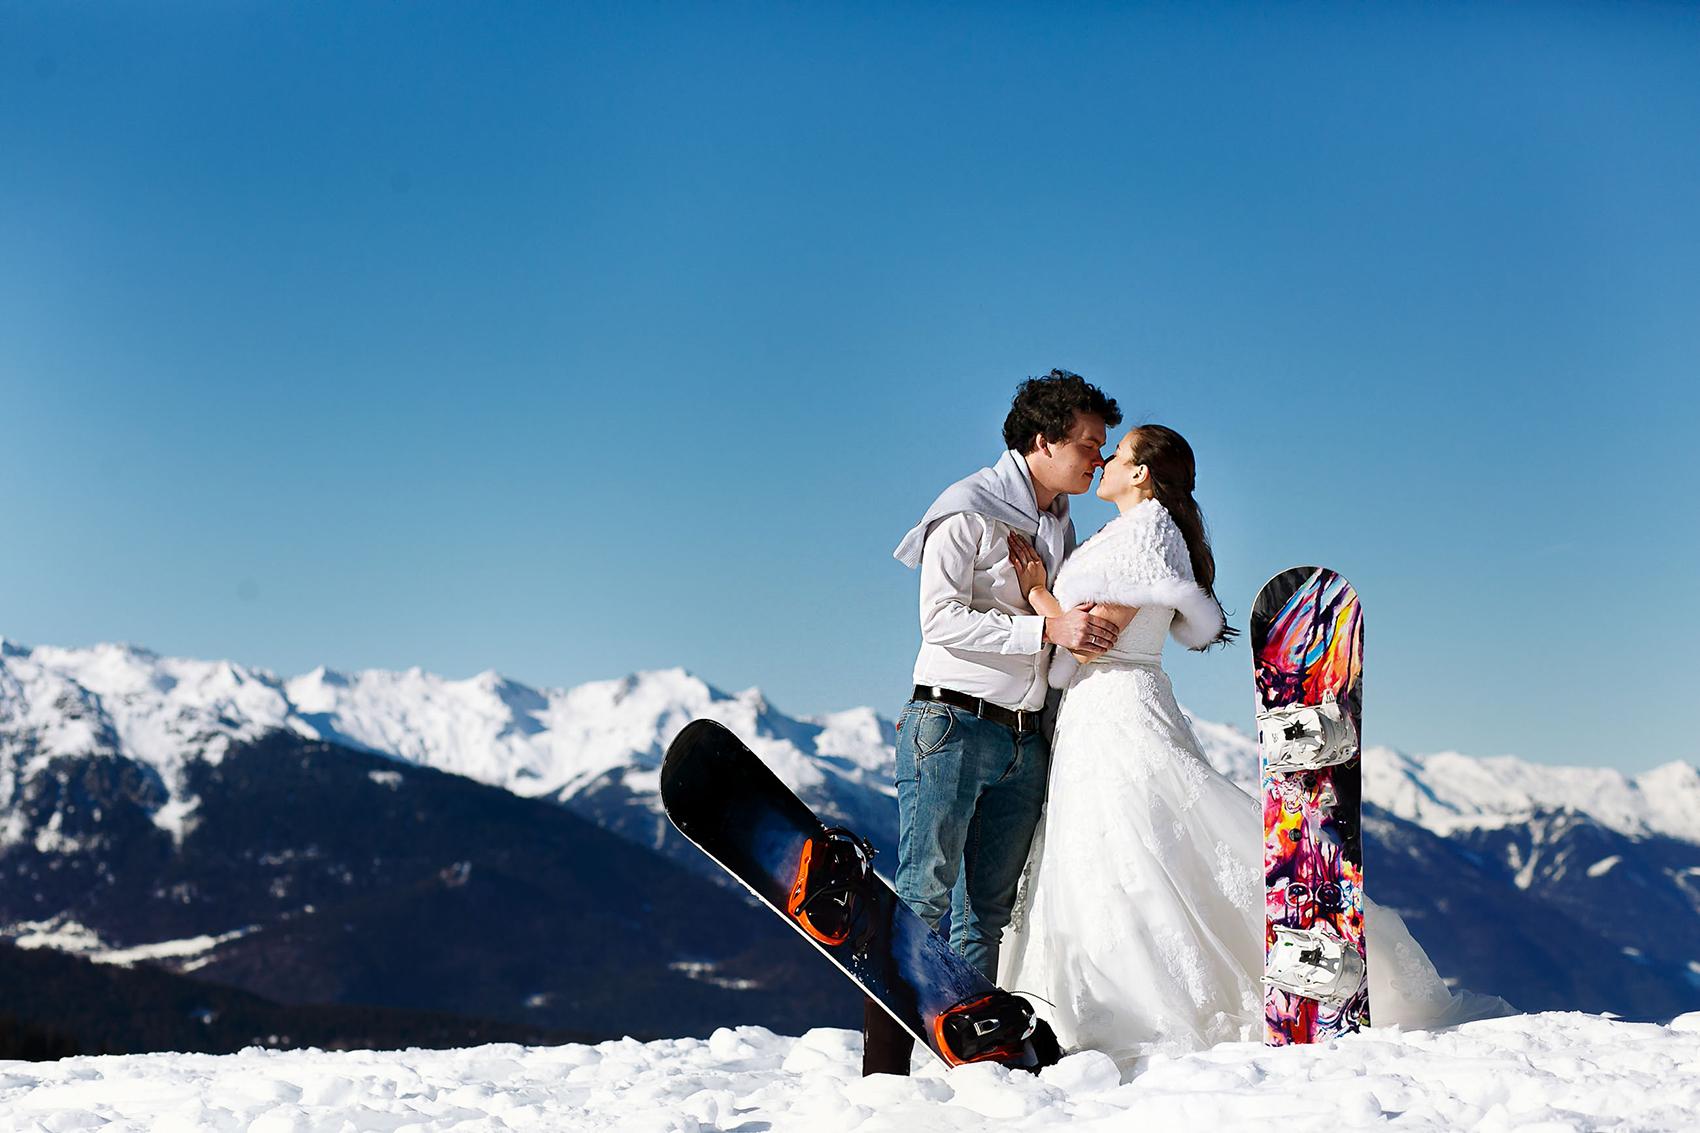 Hochzeitsfotograf-Oliver-Thier-Alpen-Berge-Schnee-Gipfel-Deutschland-oesterreic